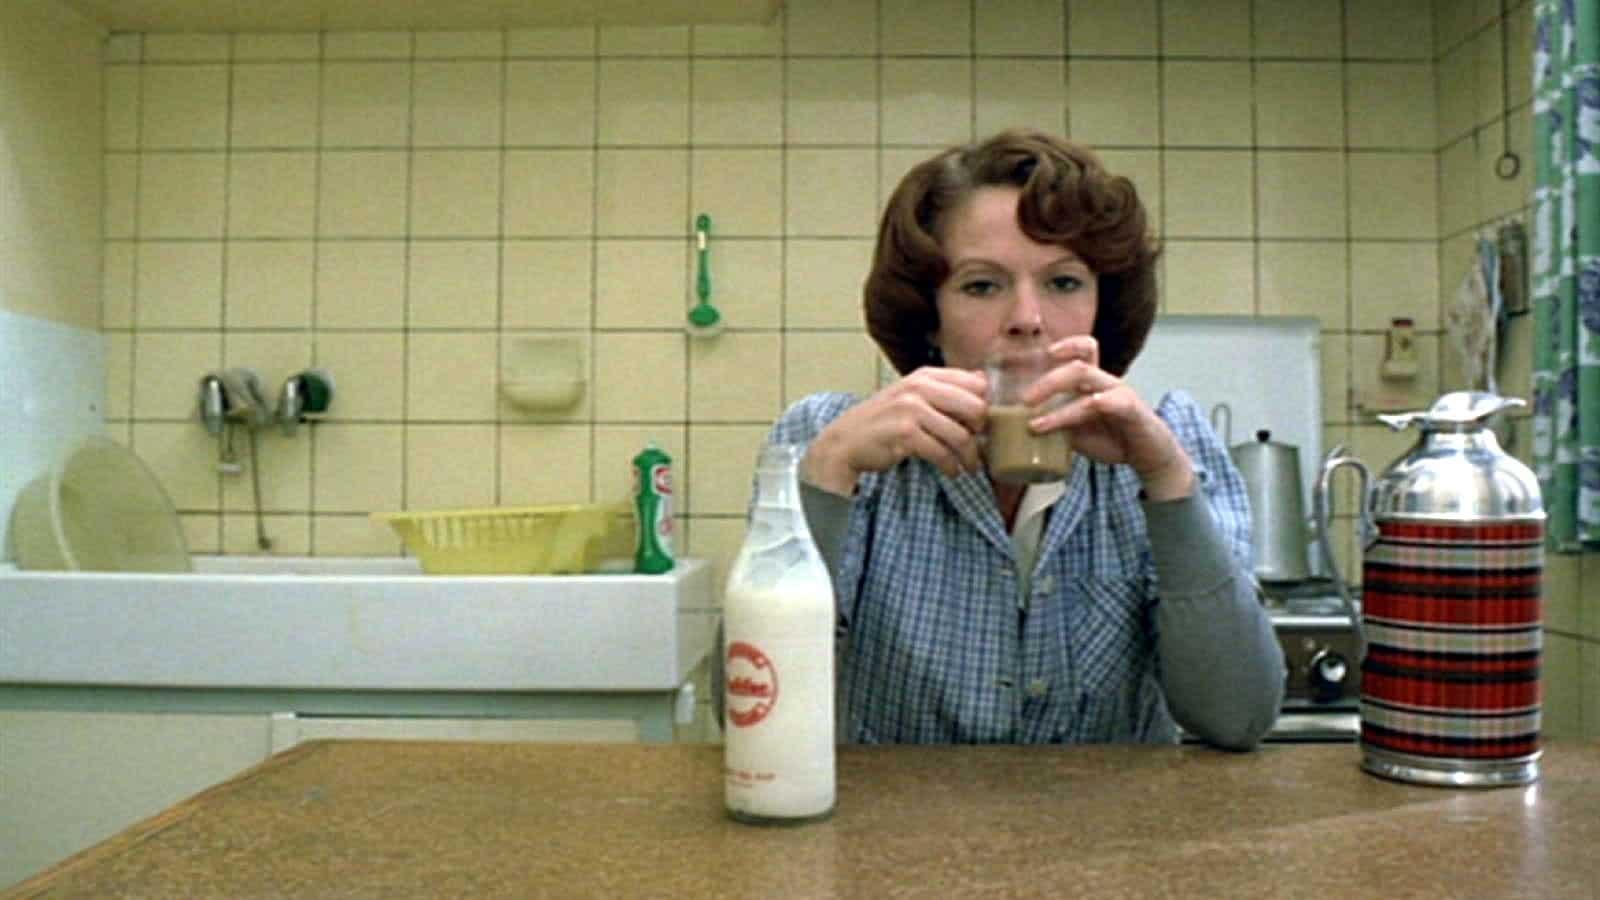 תמונה מתוך ז'אן דילמן. אישה יושבת במטבח ושותה קפה.